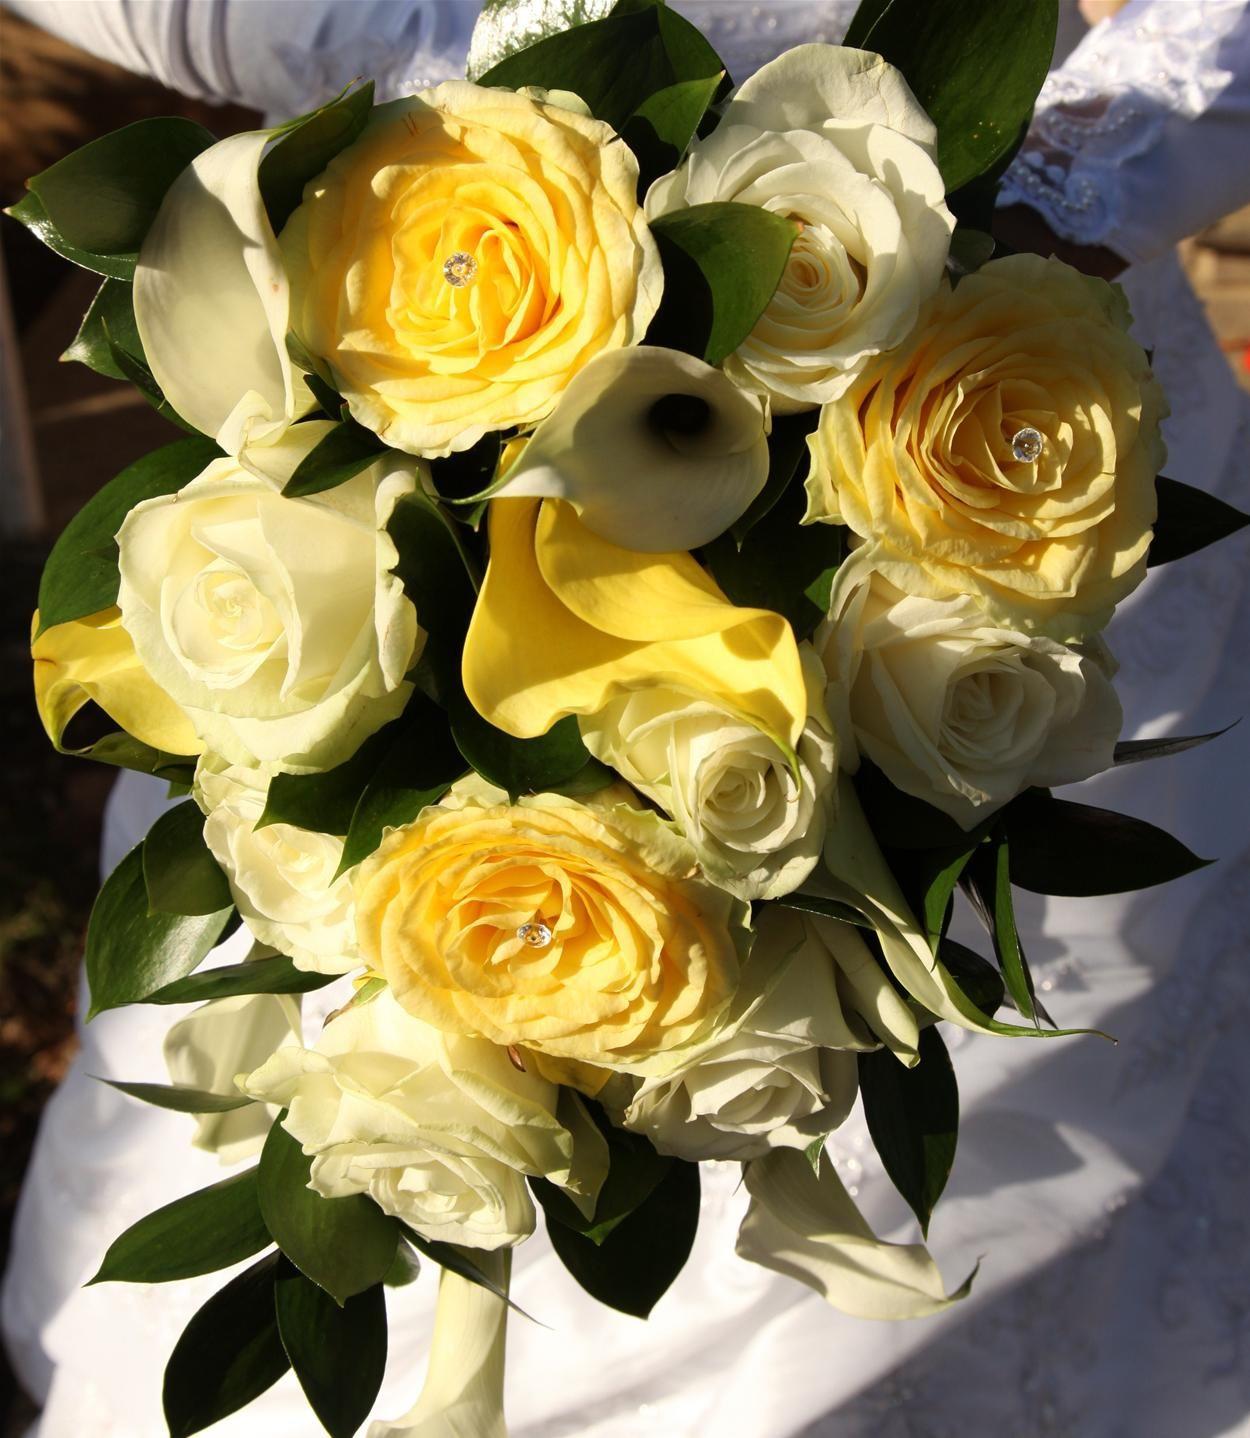 http://www.petalsflorist-eastbourne.com/Weddings.aspx